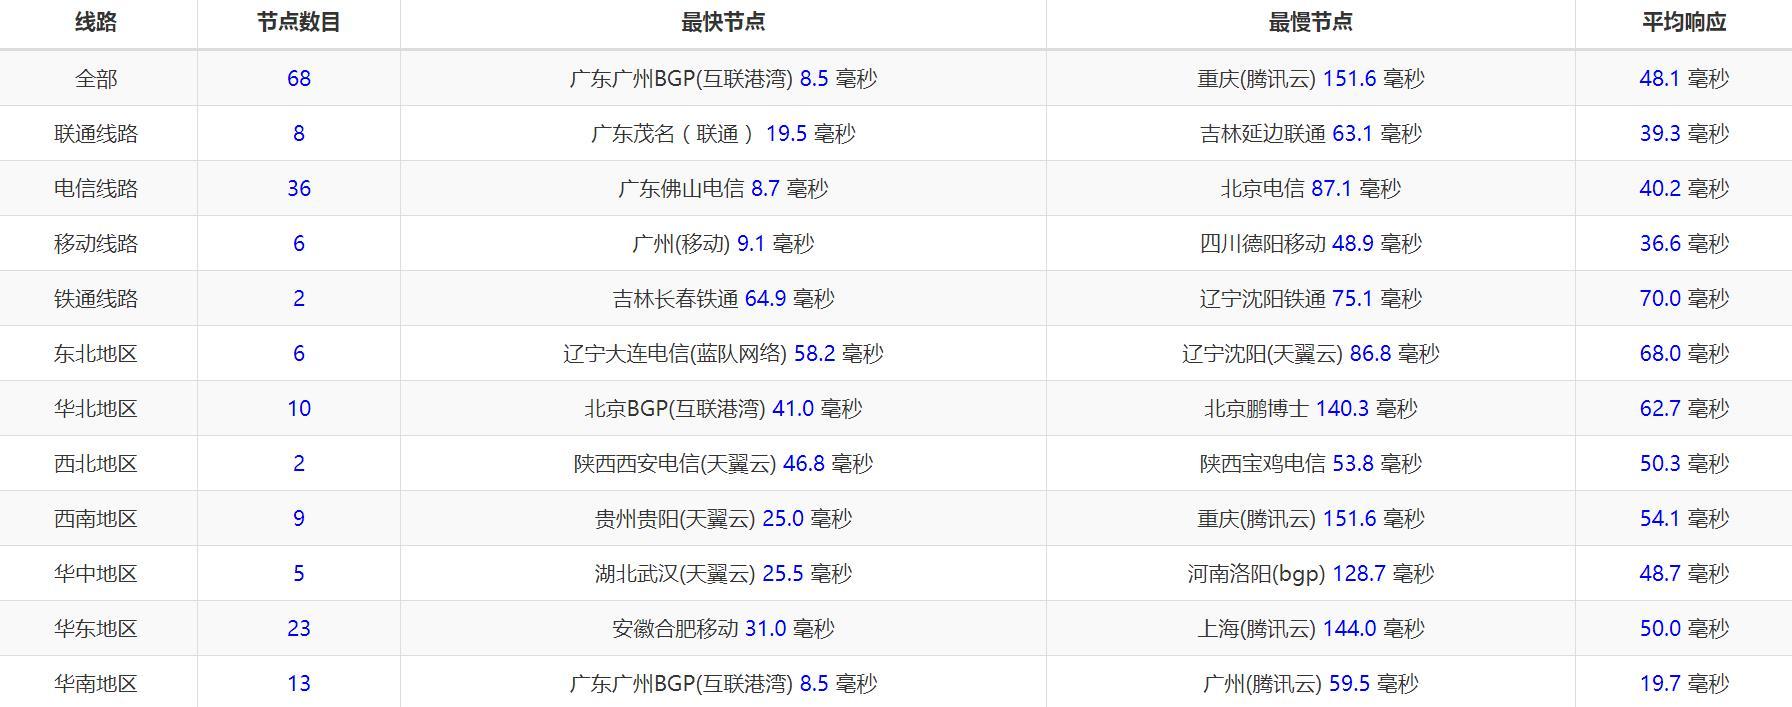 羊毛党之家 阿里云国际 1GB内存 SSD硬盘 香港CN2 KVM VPS测评